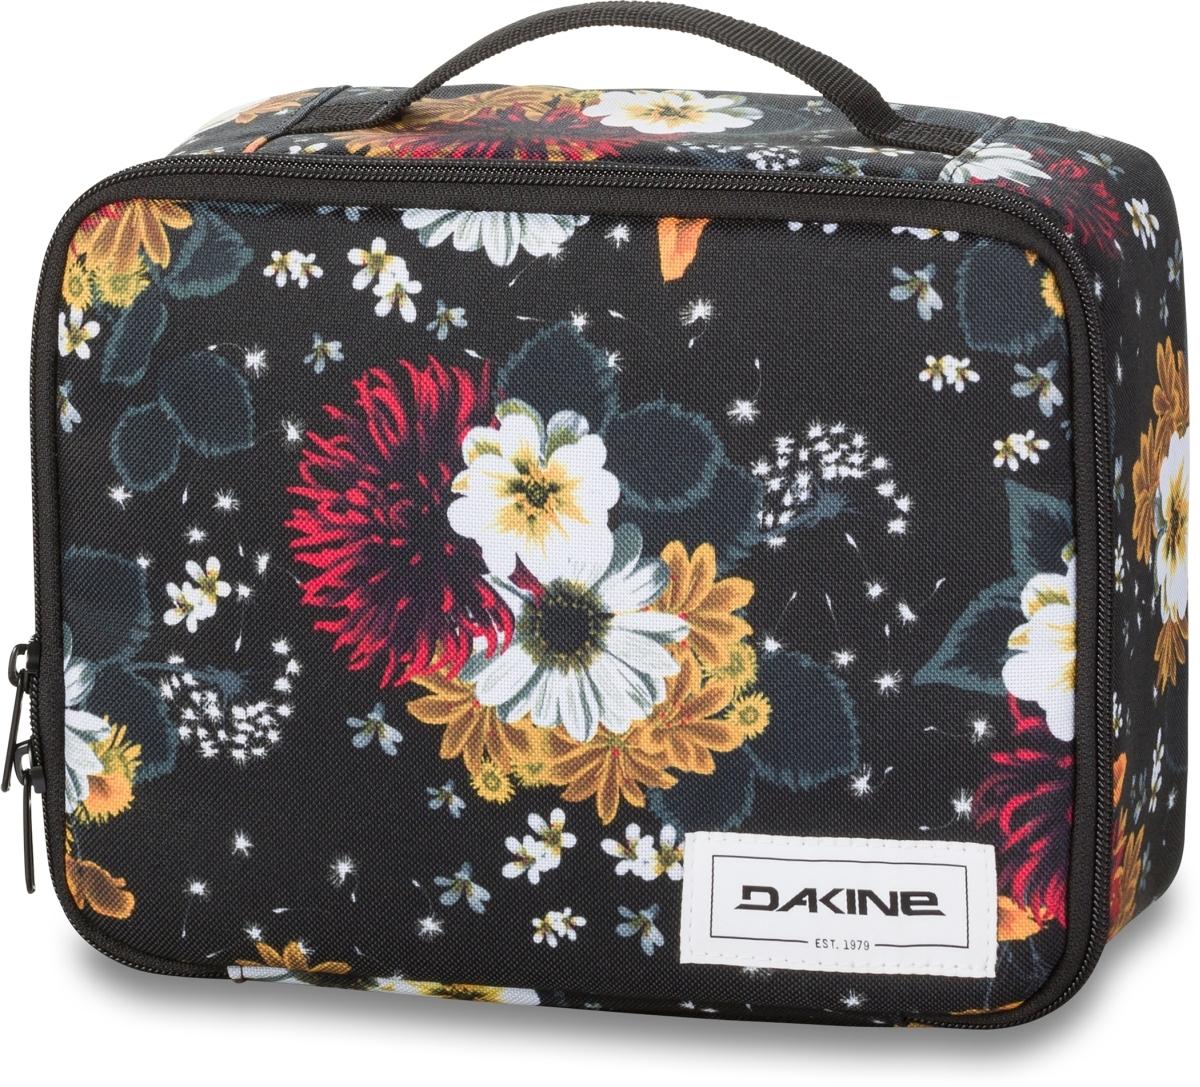 Dakine Lunch Box 5L - winter daisy uni